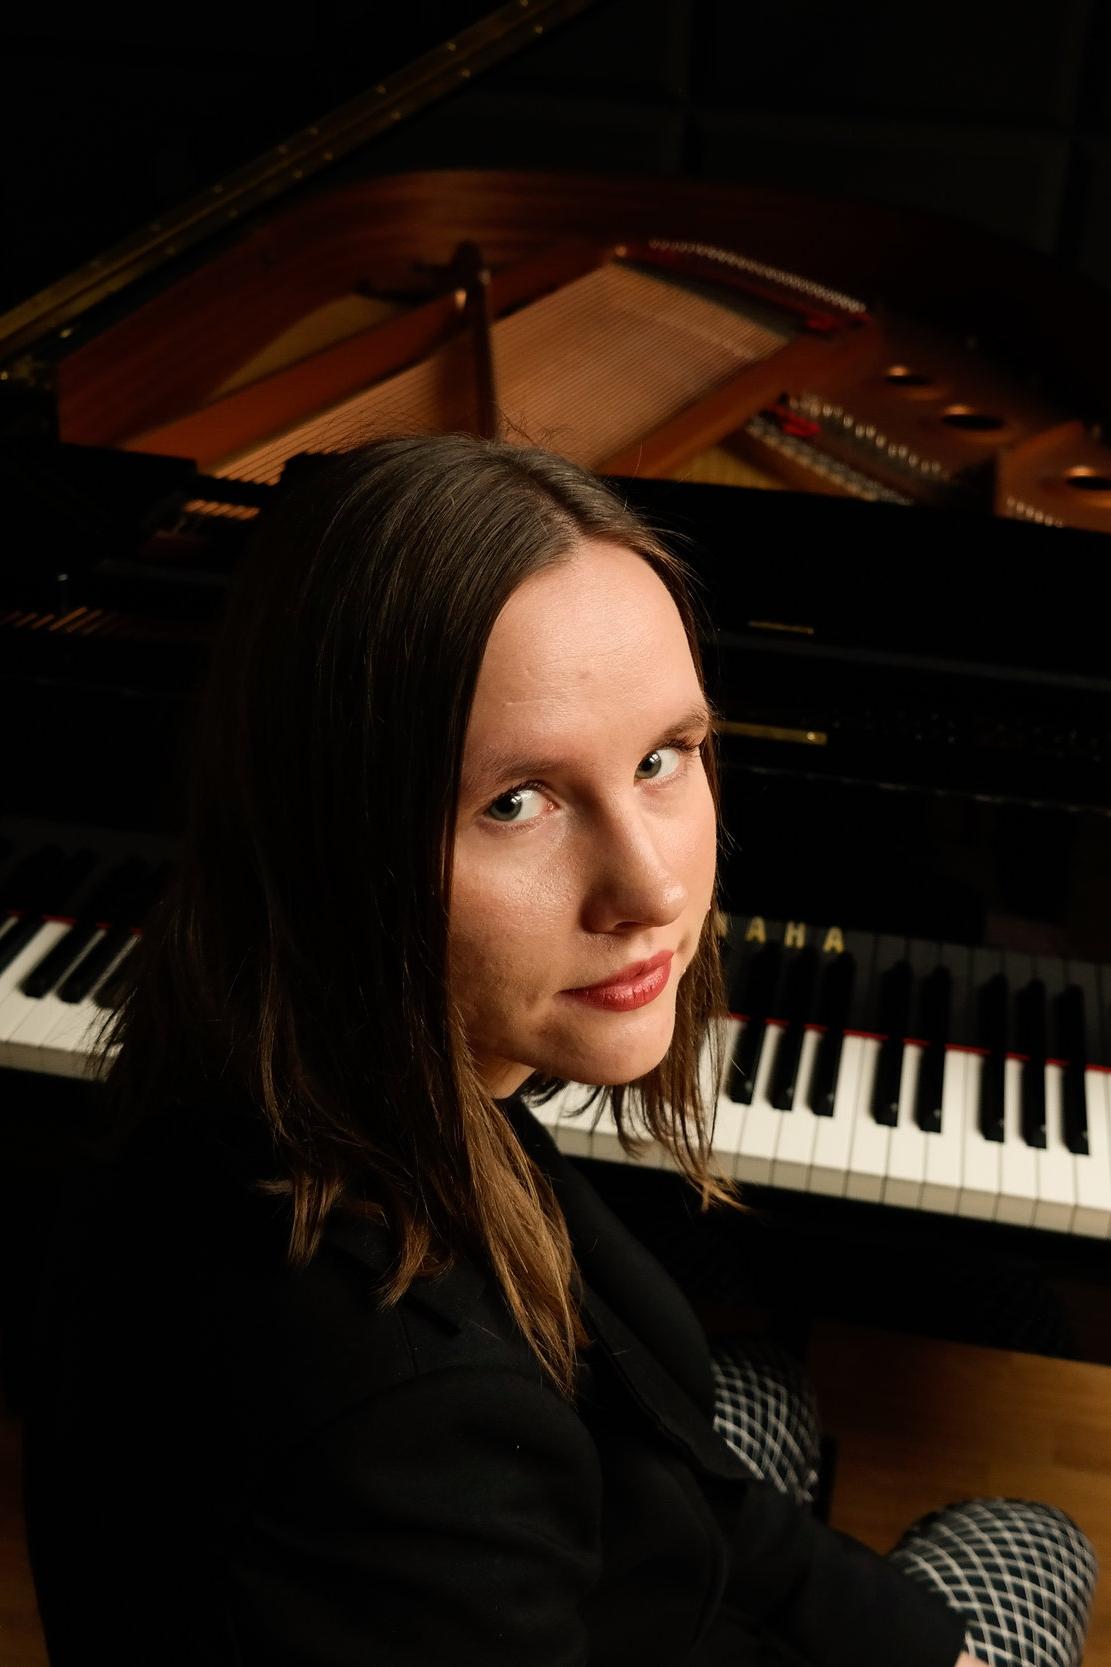 Martyna Kułakowska - Pianist